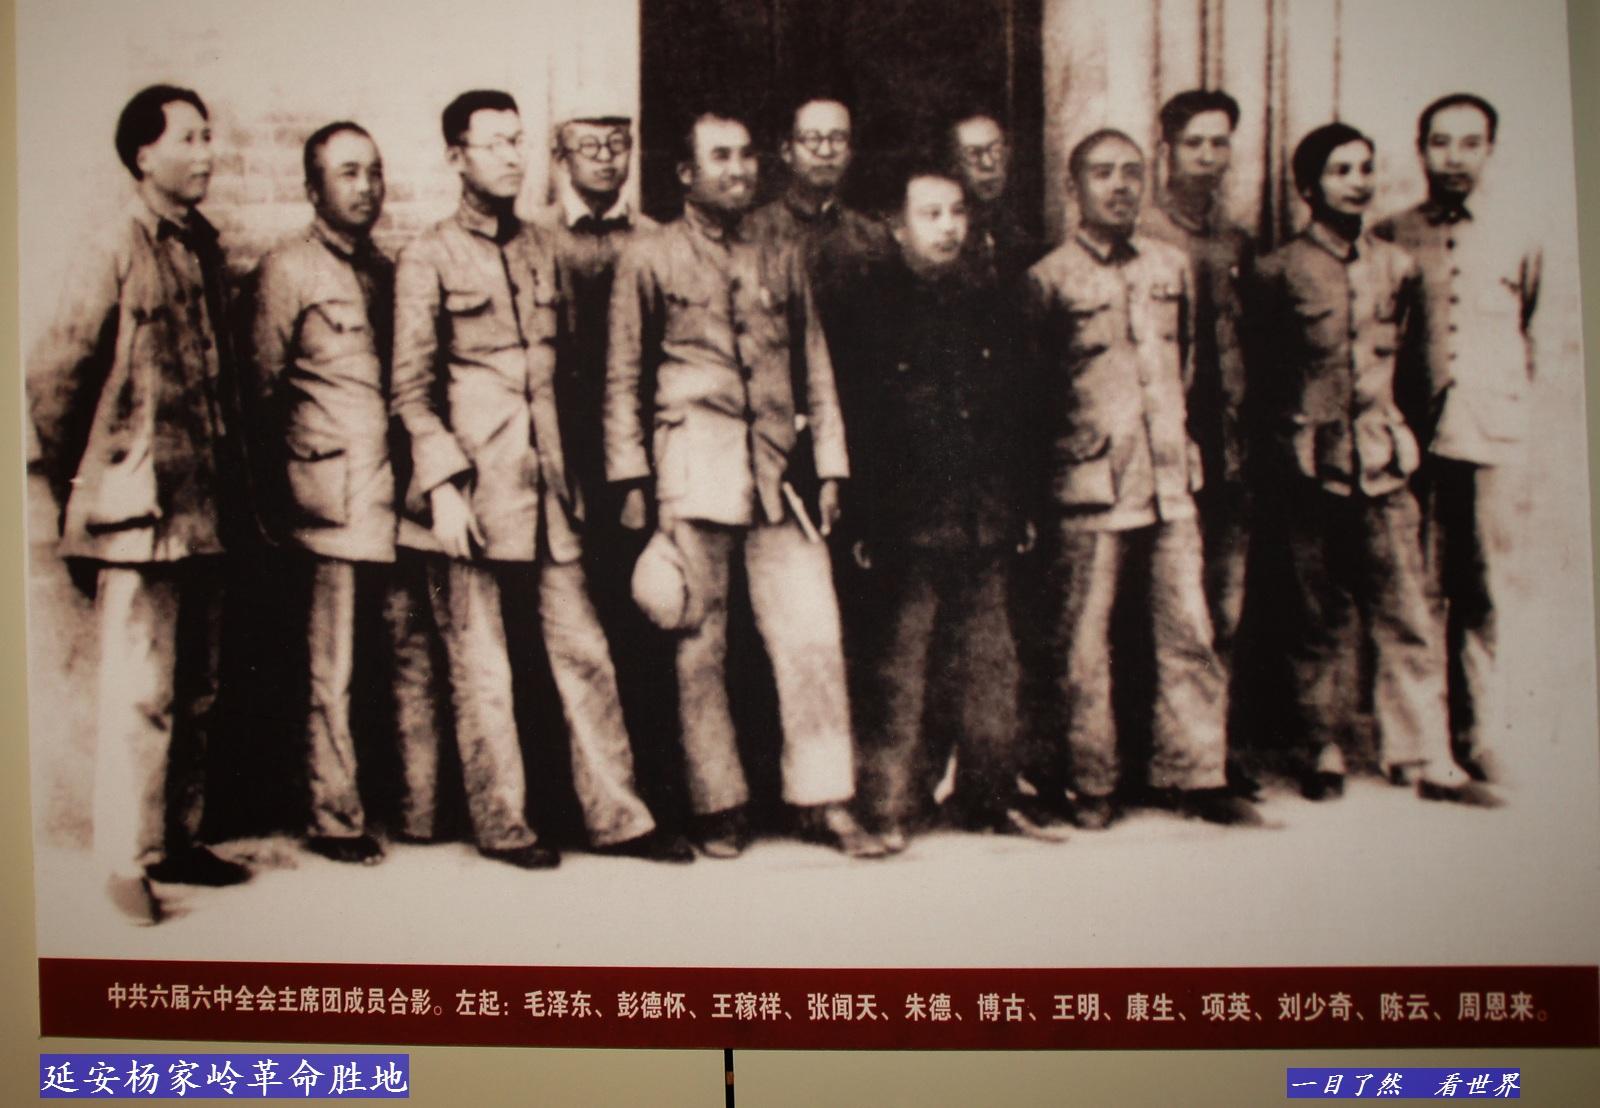 延安杨家岭革命胜地---71-1600.jpg